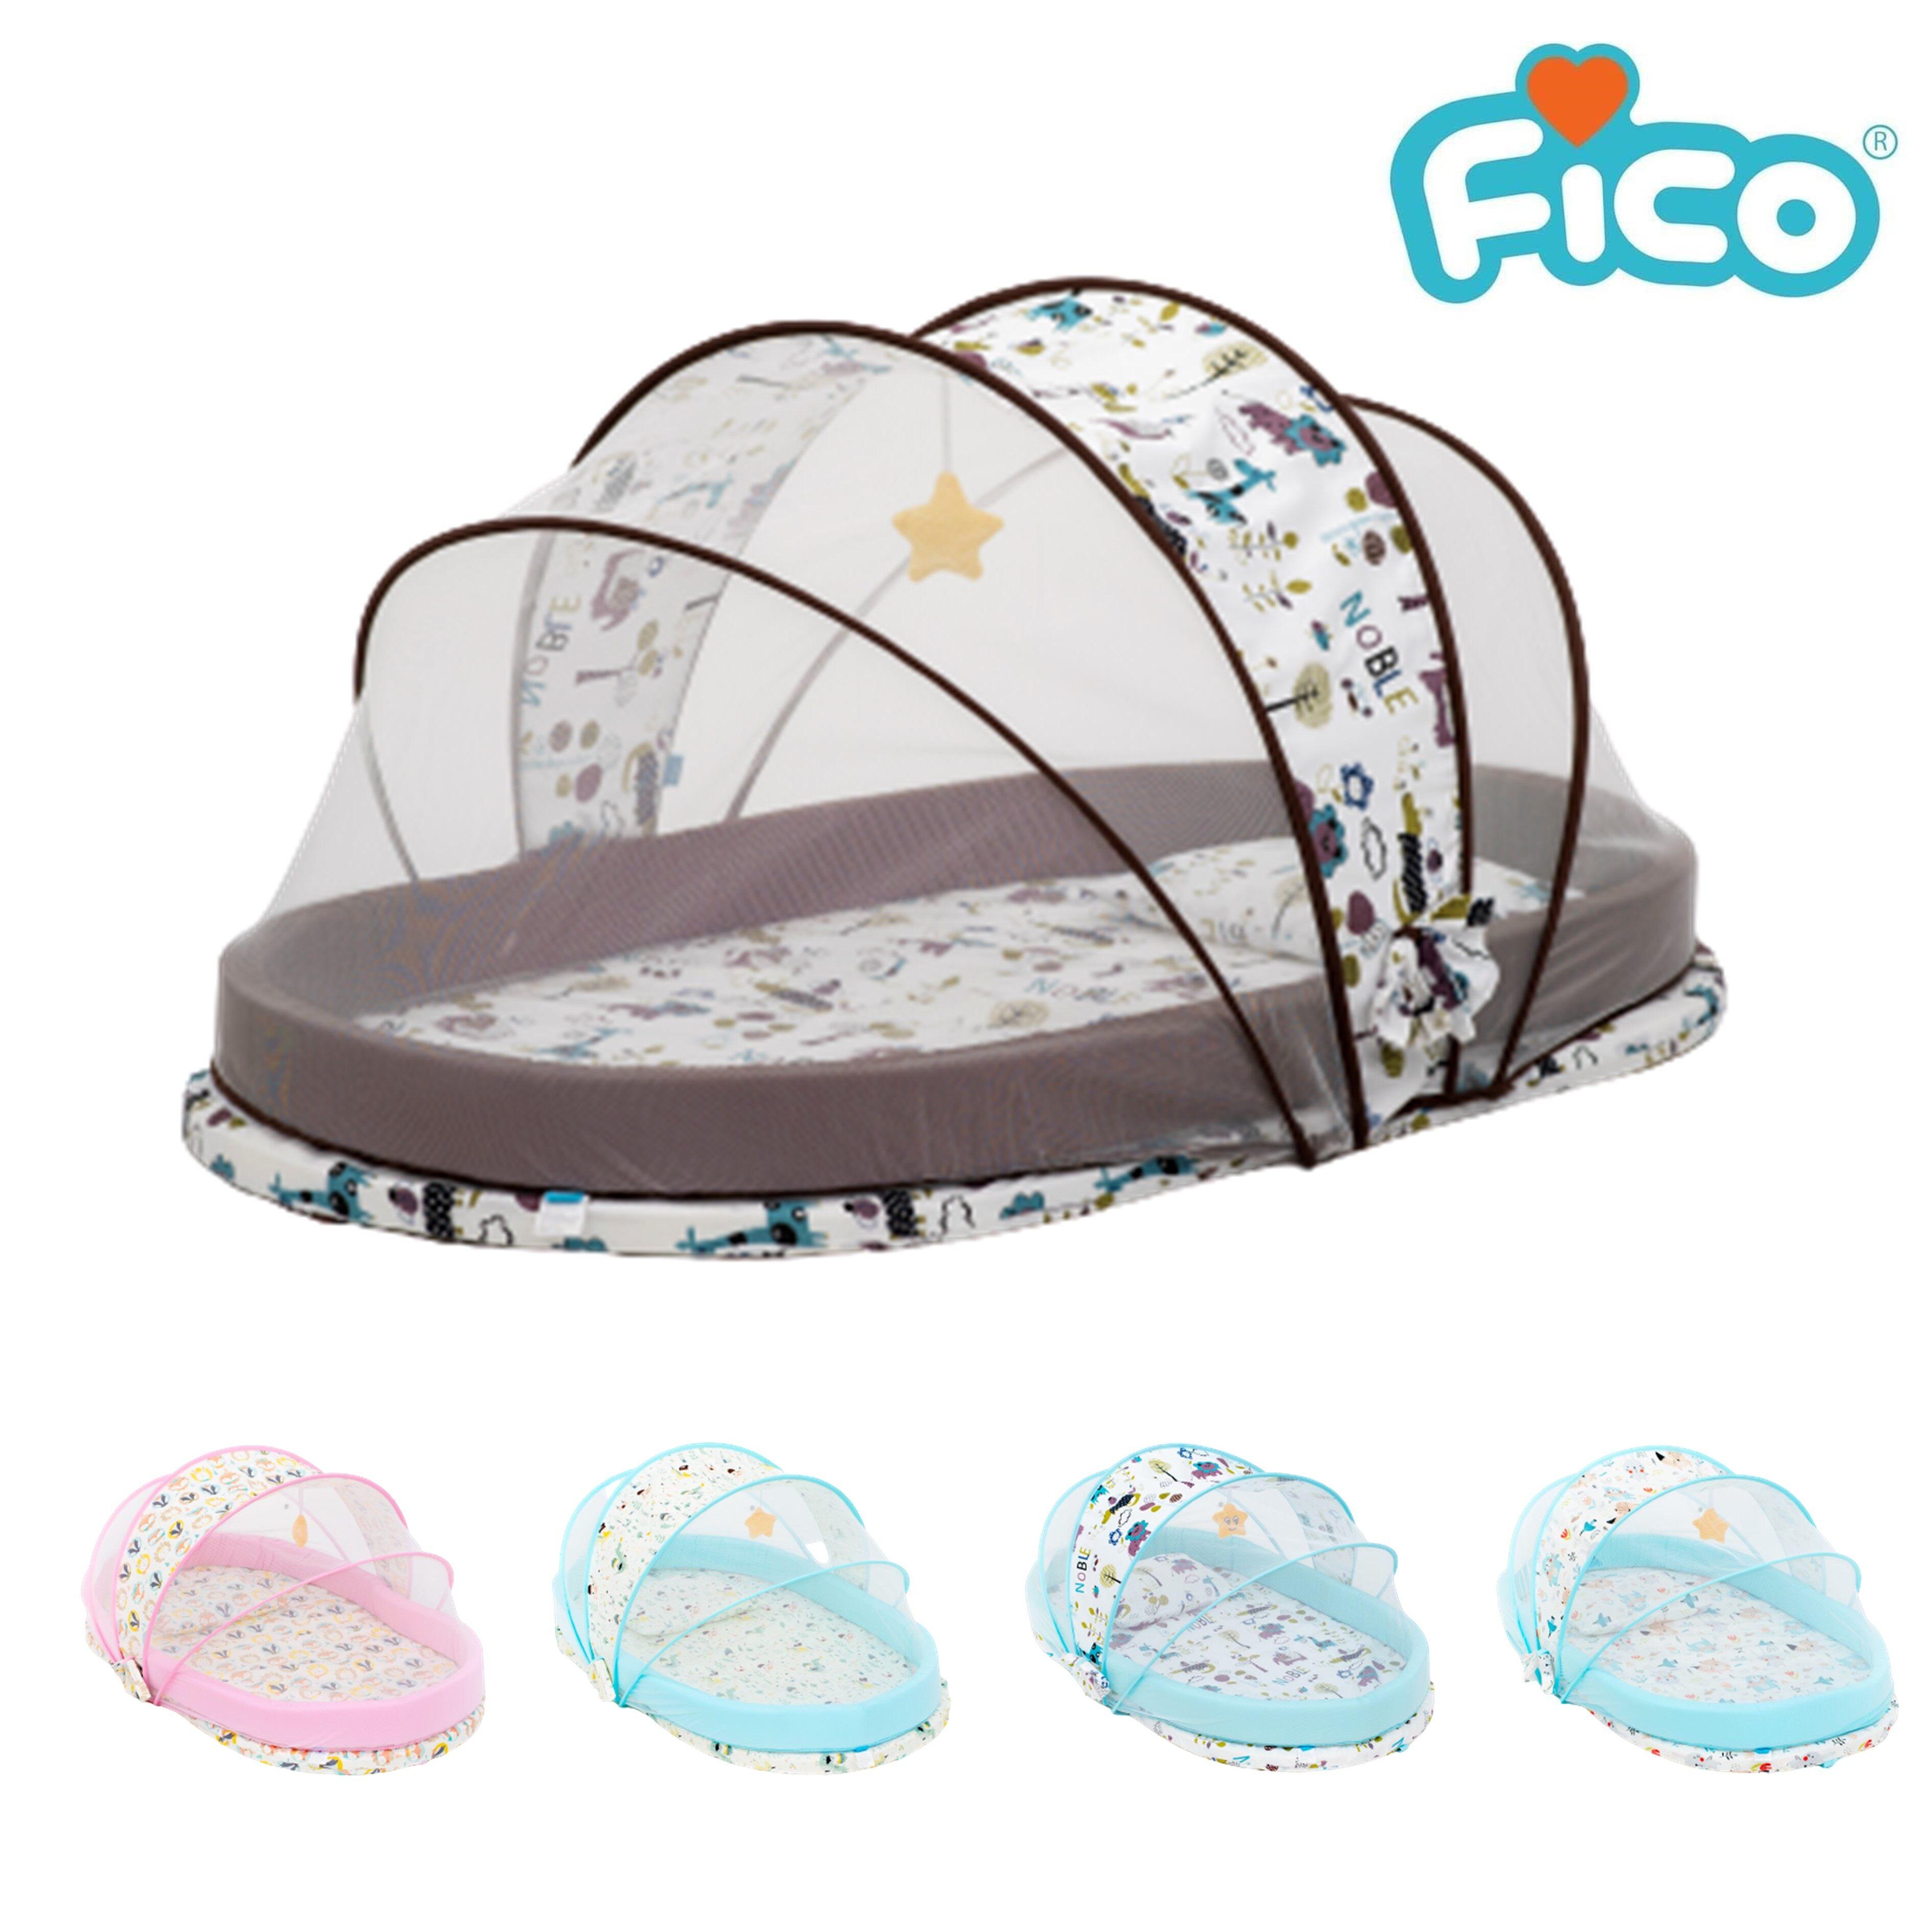 โปรโมชั่น Fico ที่นอนเด็กพร้อมมุ้งกันยุง รุ่น FCC-102 ไซต์ L